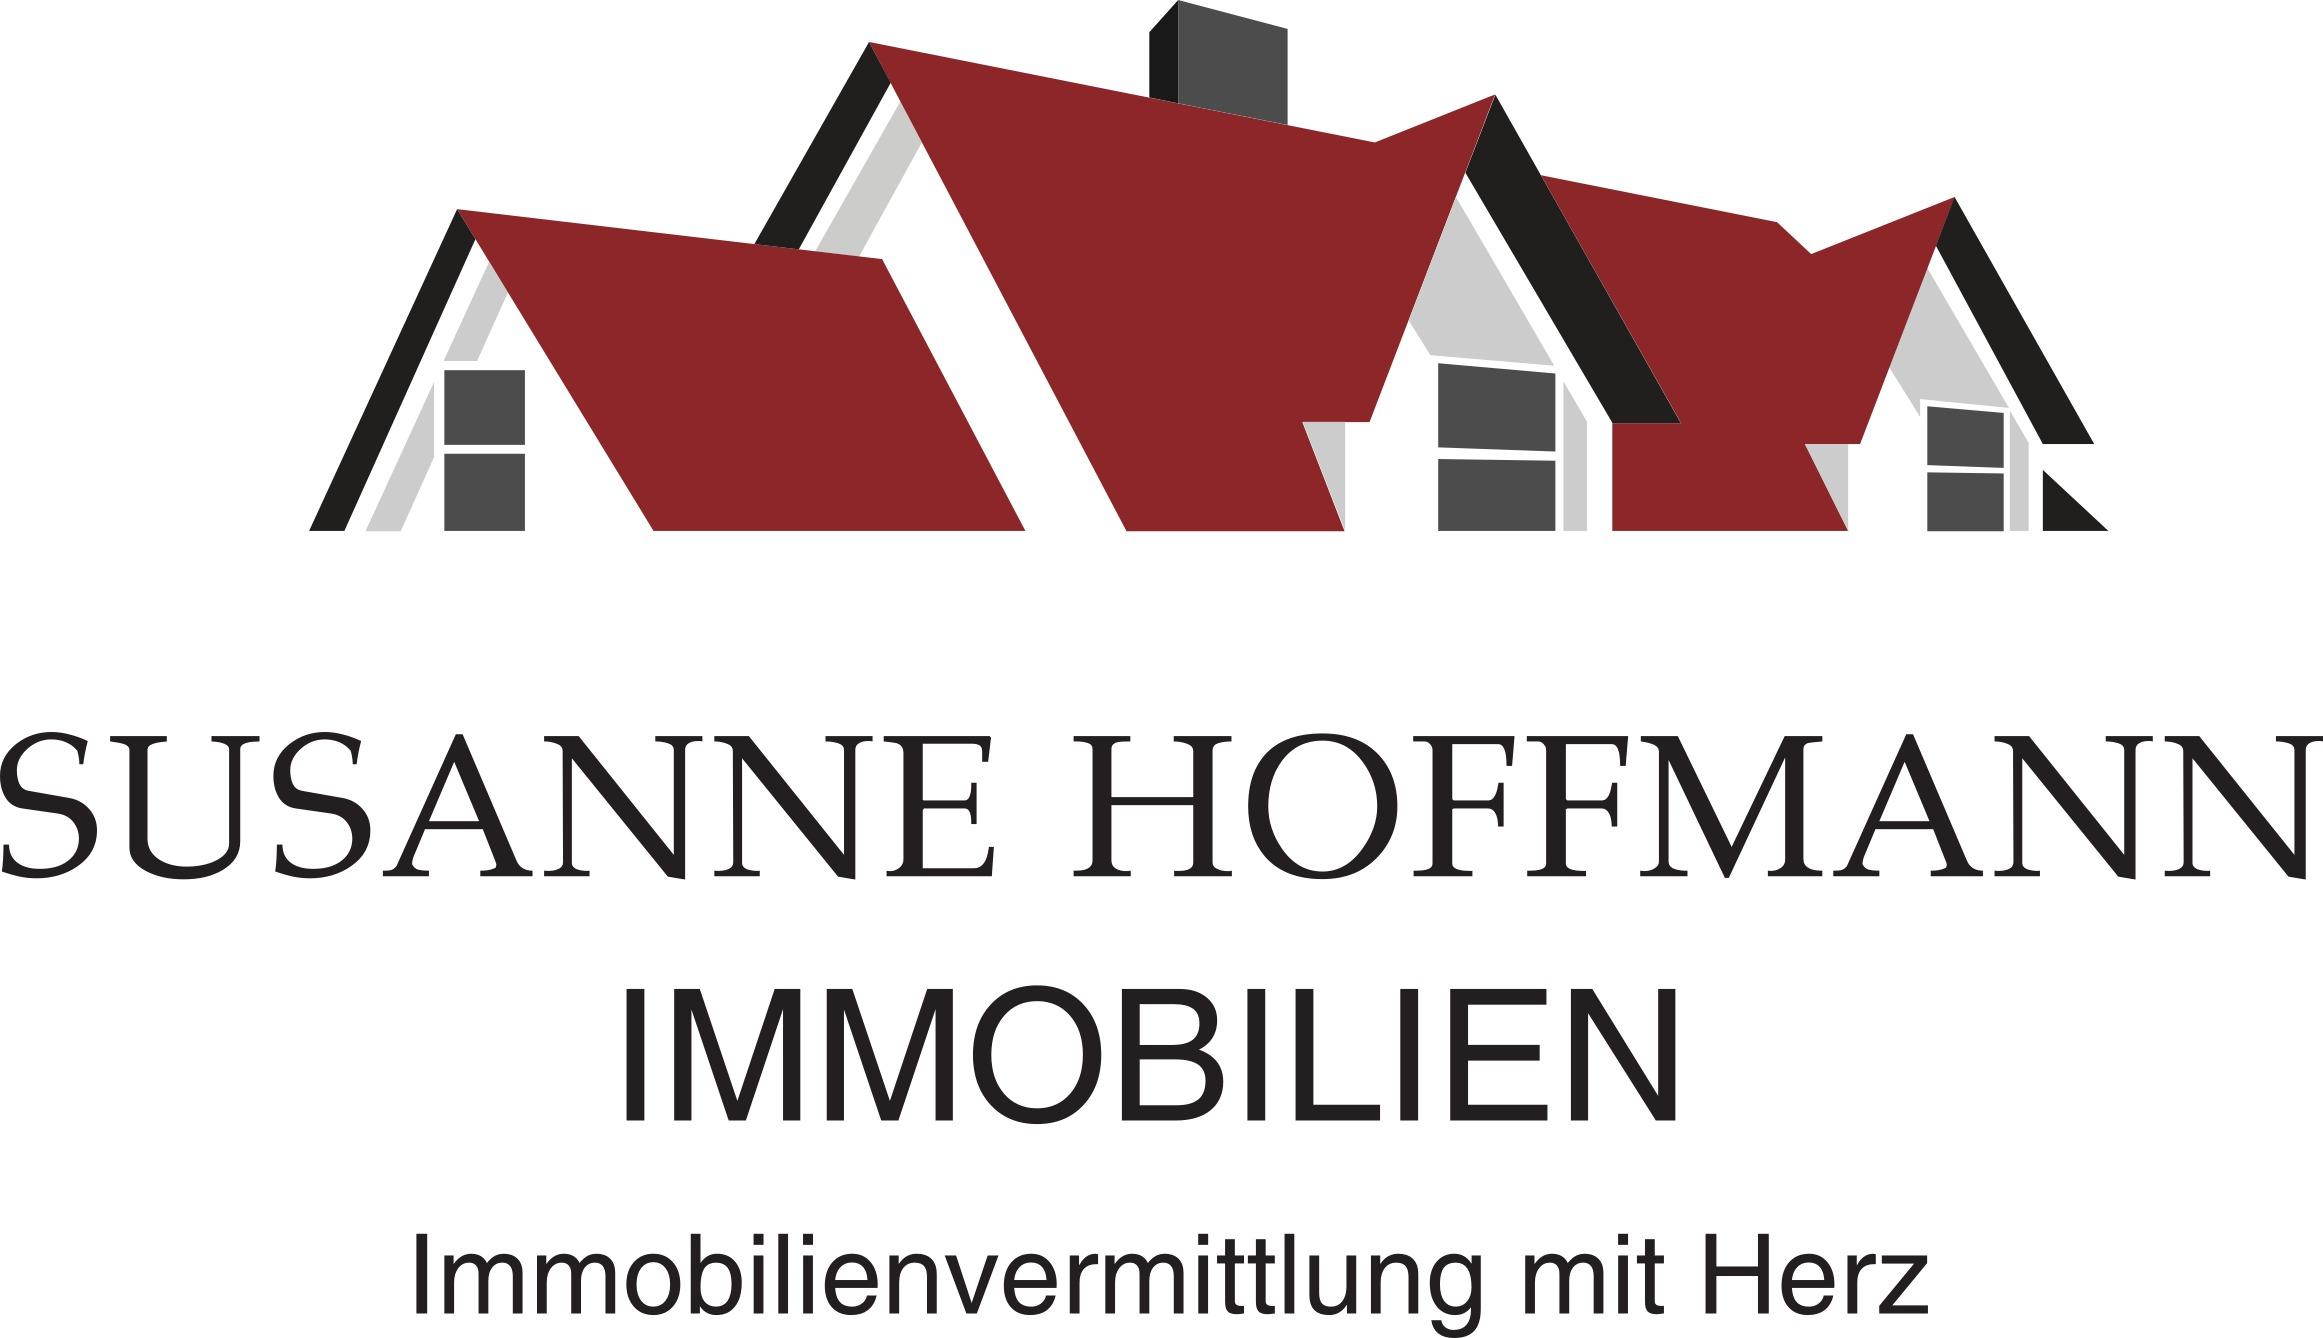 Hier sehen Sie das Logo von Susanne Hoffmann Immobilien